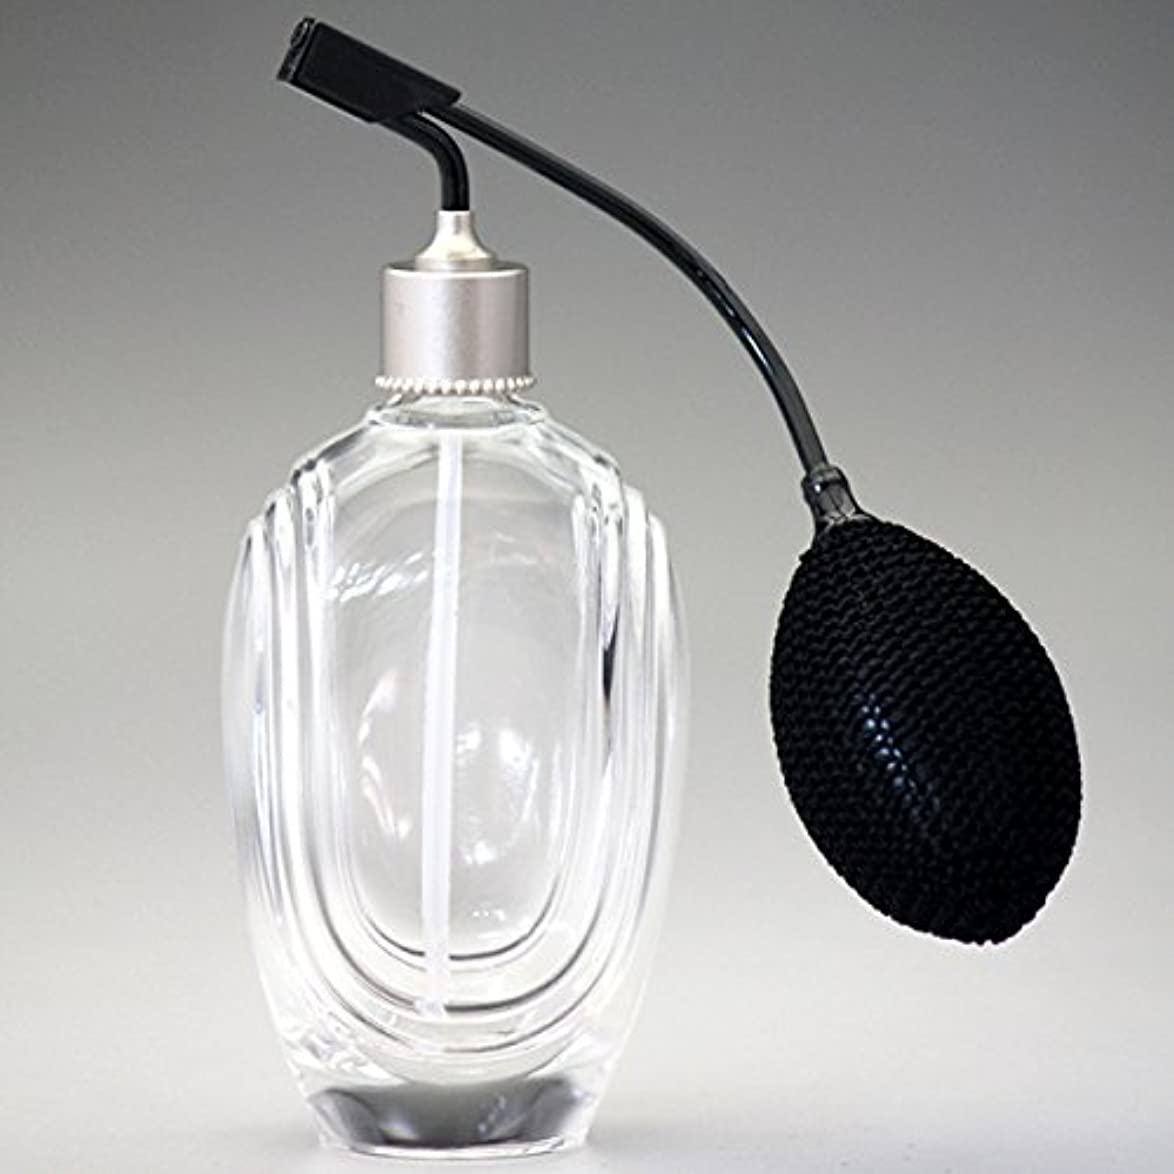 【ヒロセ アトマイザー】卓上 バルブ アトマイザー 50ML フランス製 香水瓶 369853 BB (50MLタクジョウCLBB) 50ml